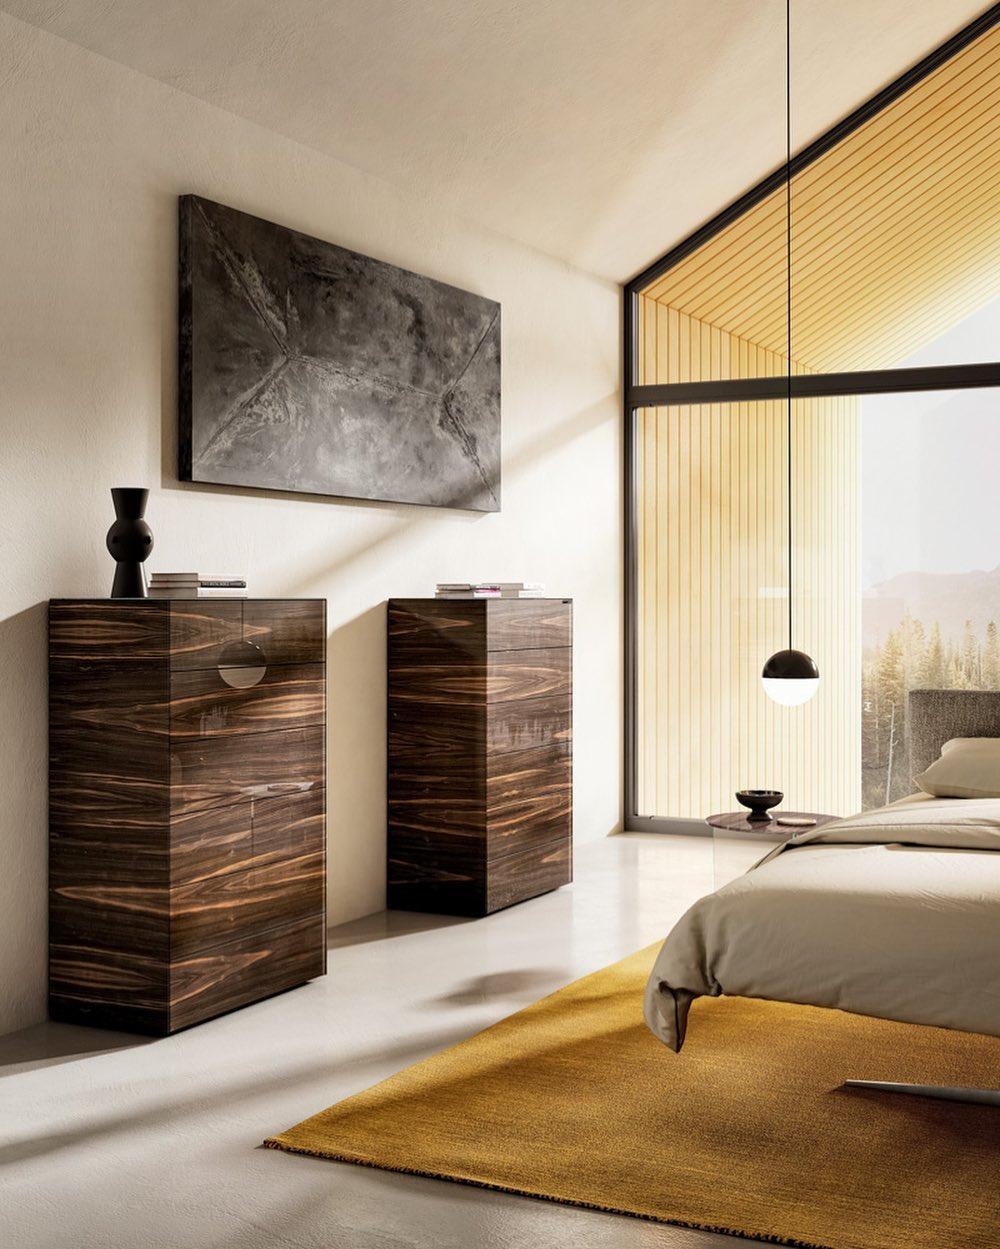 Designer Homeinterior Design: LAGO: The Materia Collection Generates Practic Da Vinci